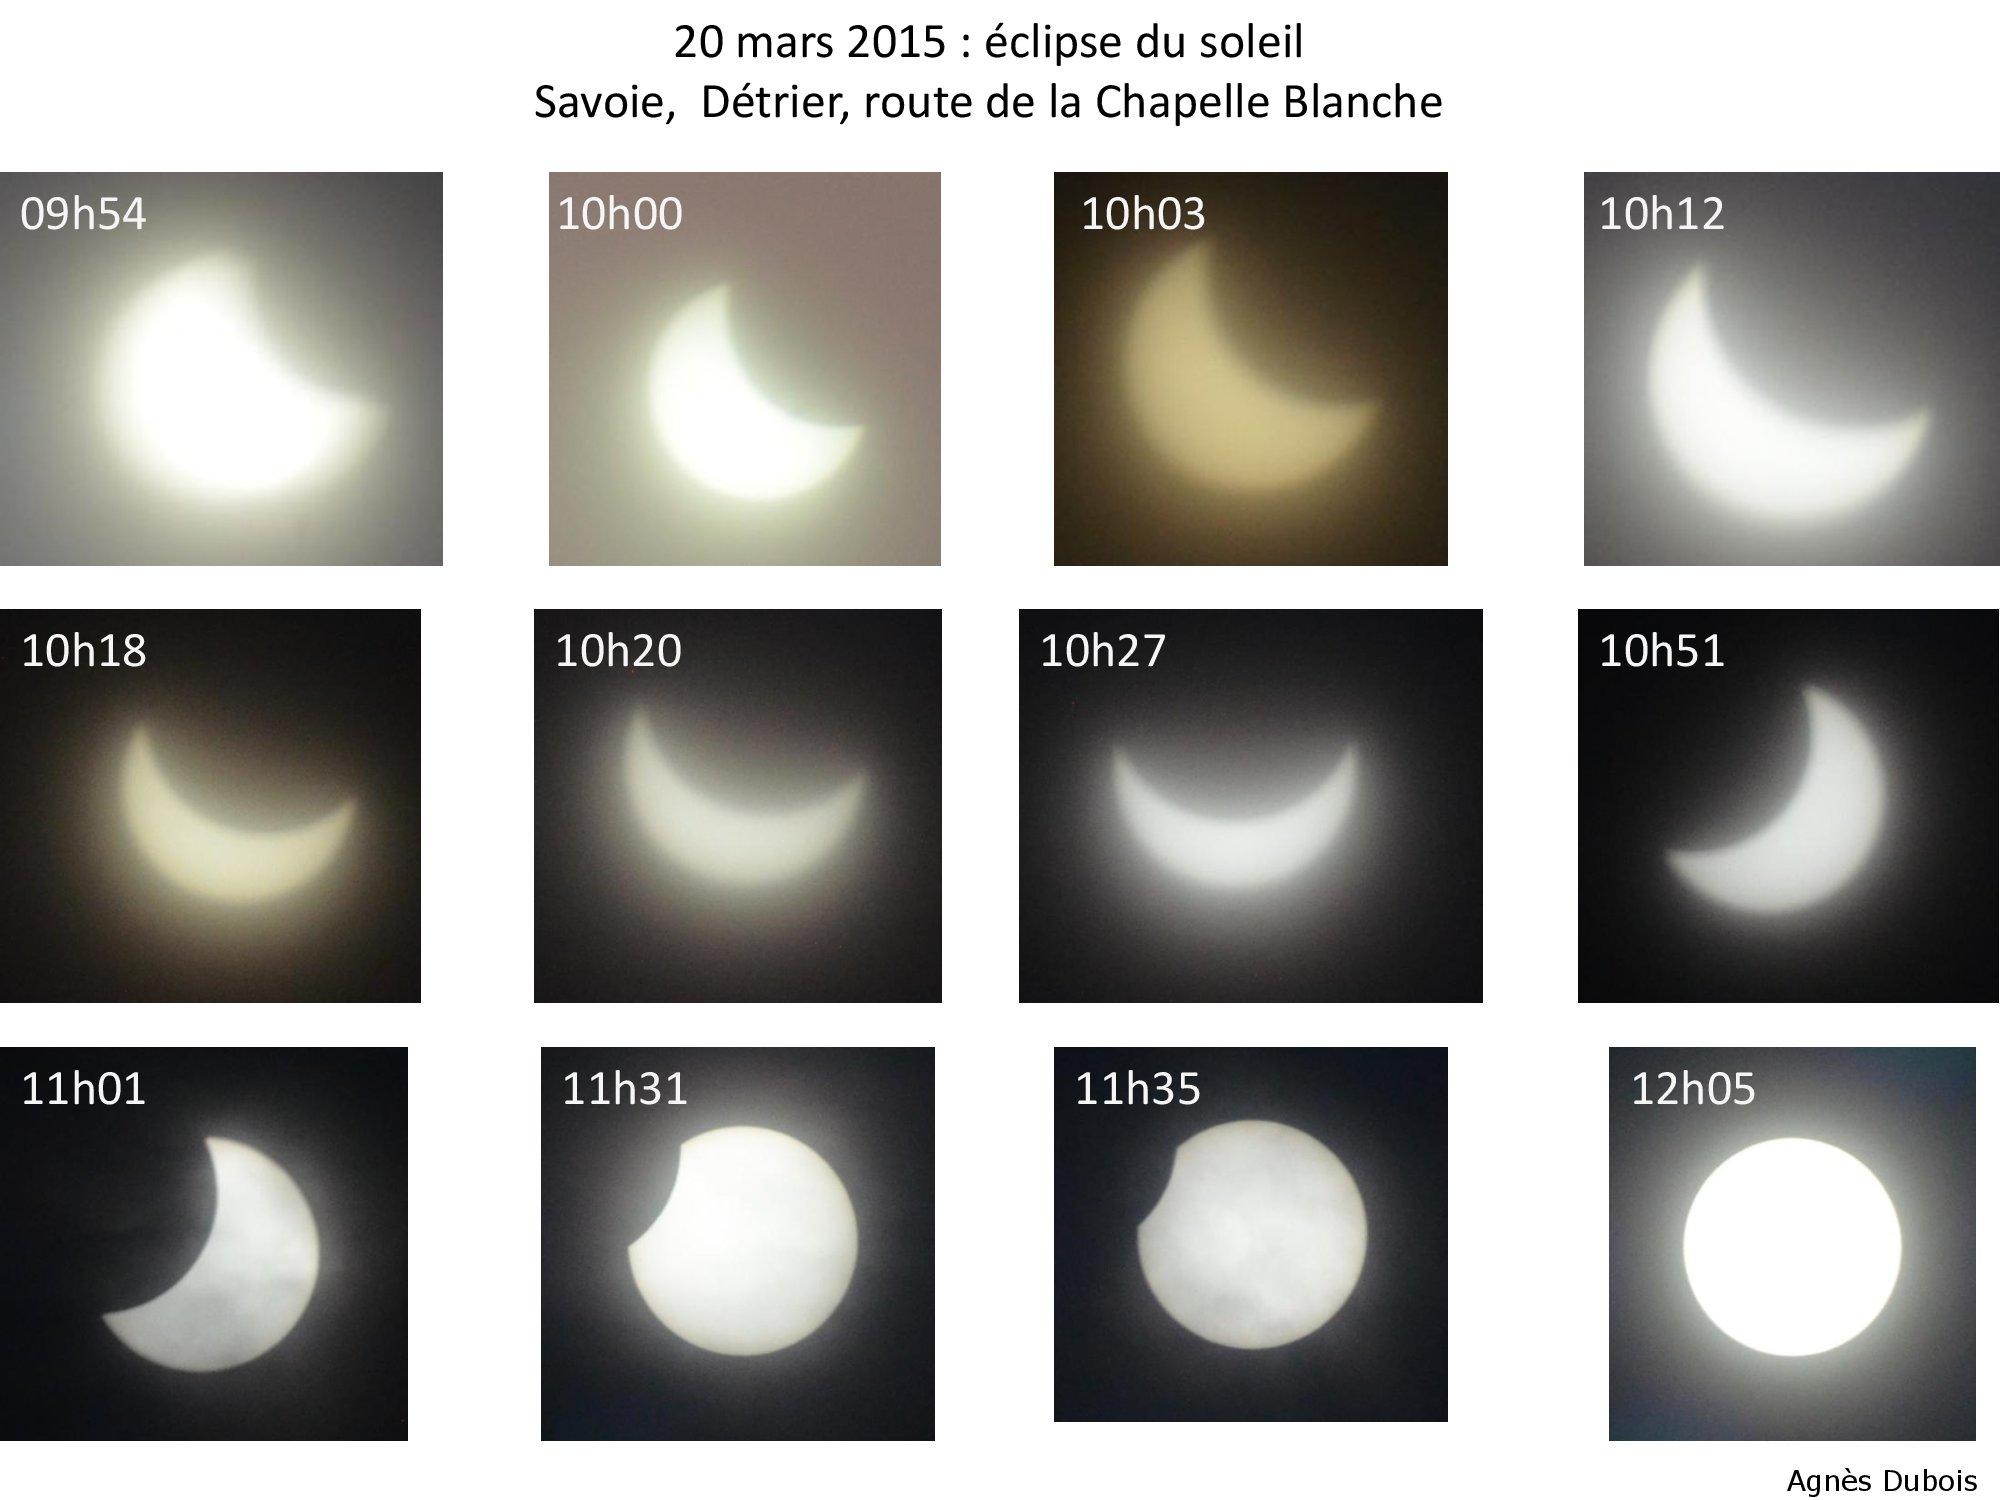 Eclipse_412_rte_de_la_Chapelle_Blanche